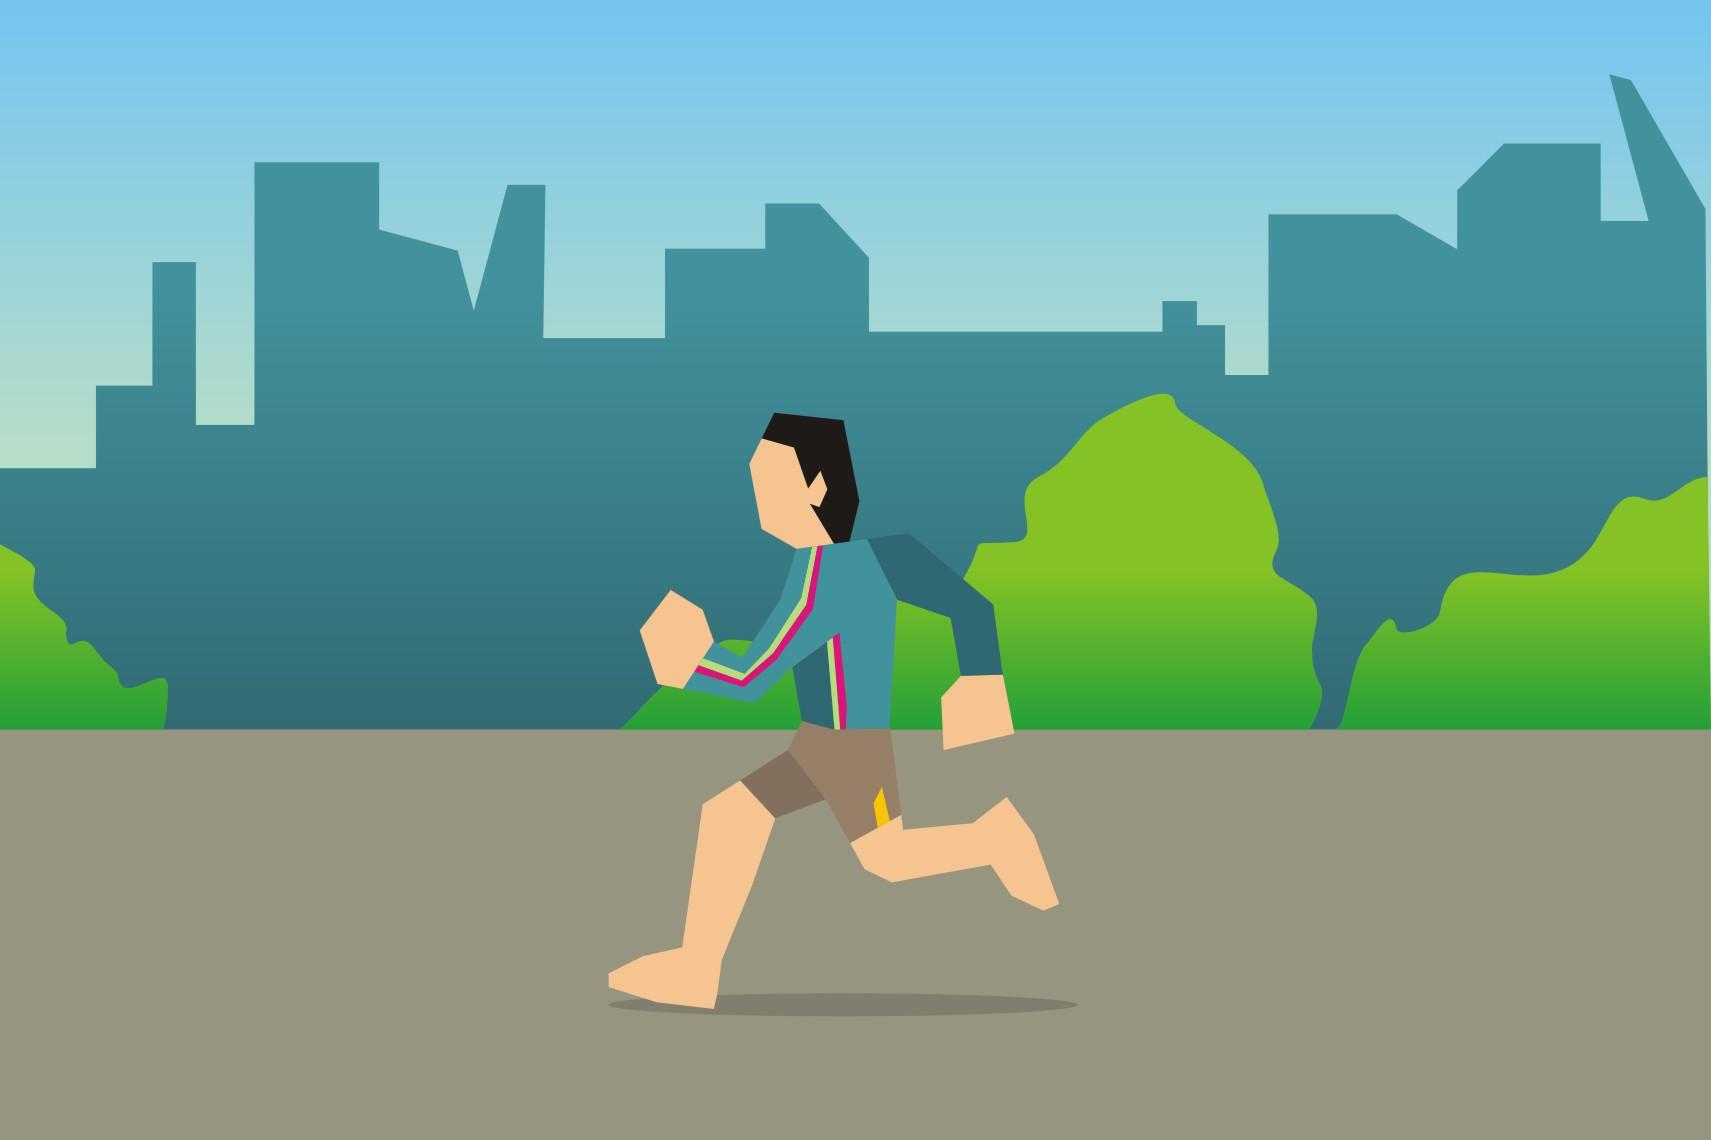 Olahraga 15 Menit Bisa Bikin Kamu Hidup 3 Tahun Lebih Lama Perca